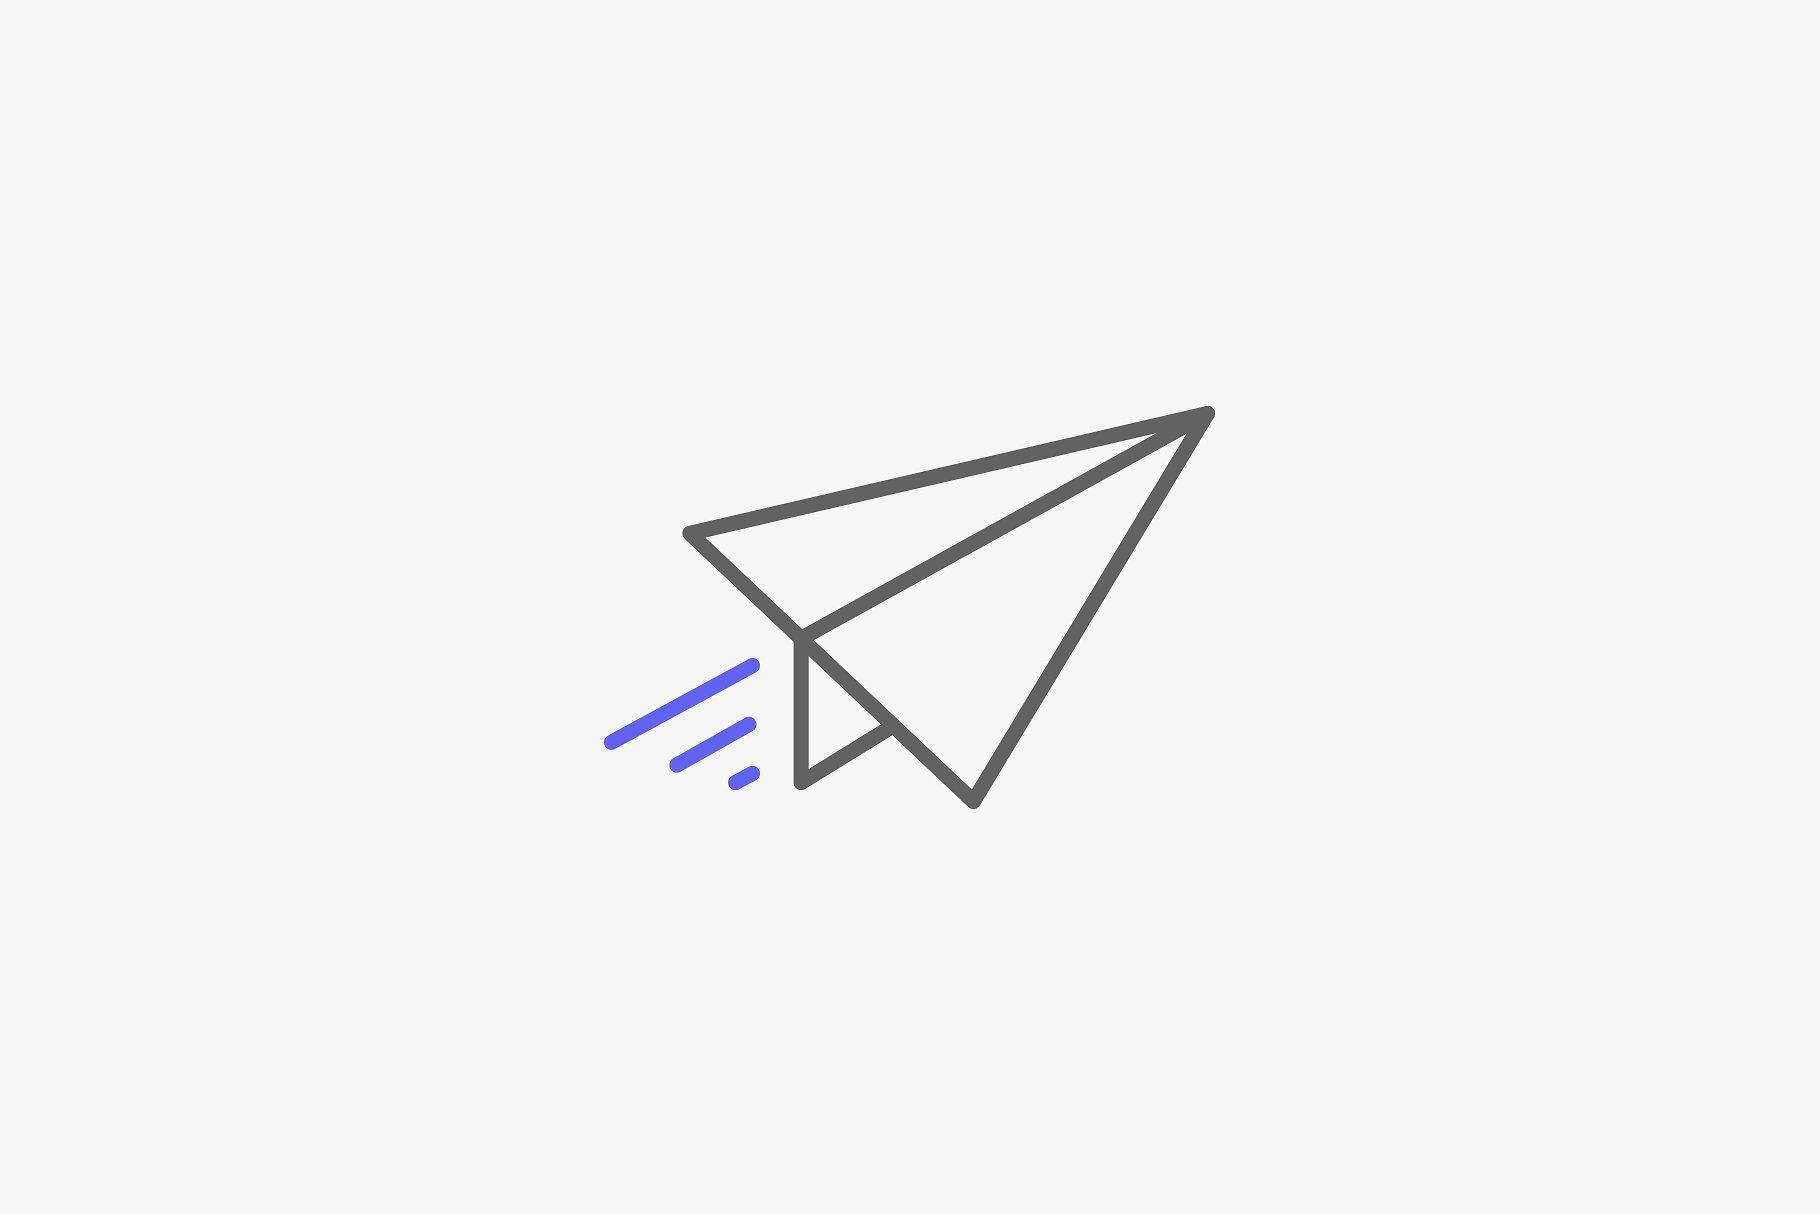 Paper Plane Premium Vector Icon Dengan Gambar Kertas Lucu